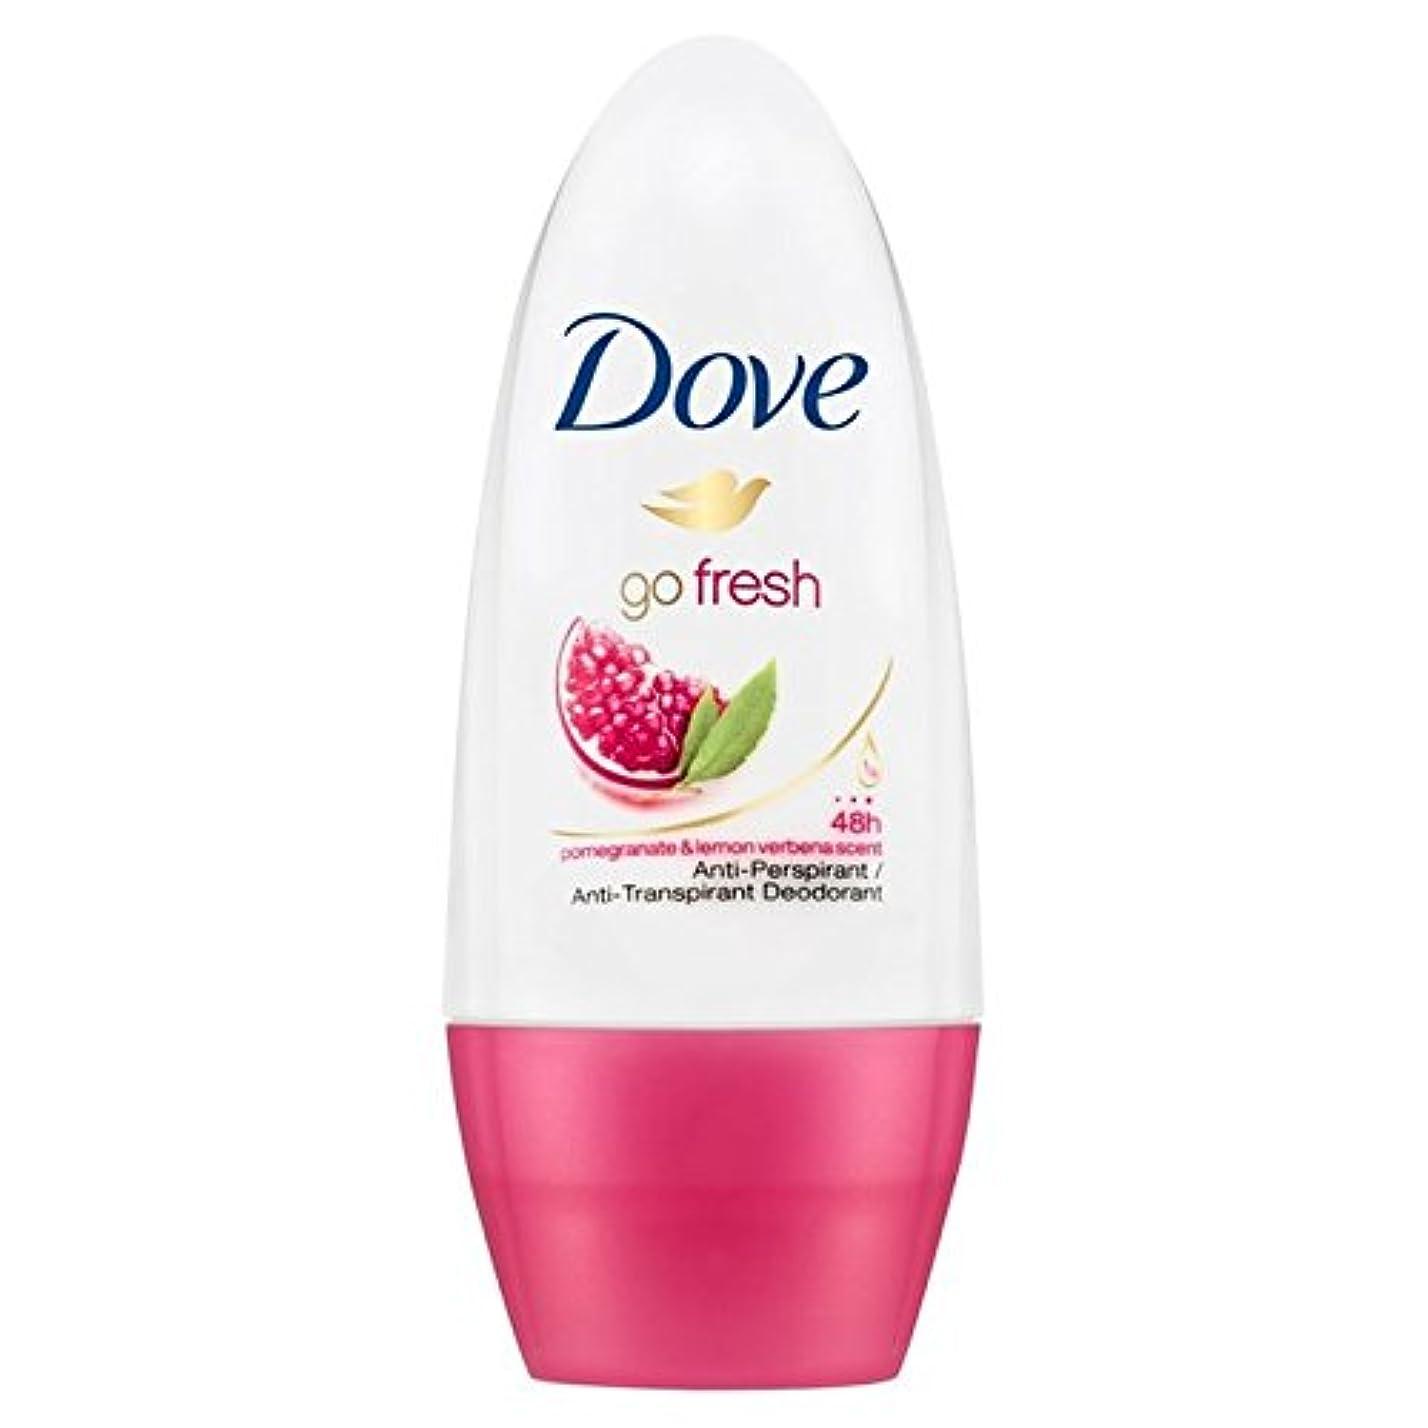 広げる融合発疹新鮮なザクロのロールオン制汗デオドラント50ミリリットルを行く鳩 x4 - Dove Go Fresh Pomegranate Roll-On Anti-Perspirant Deodorant 50ml (Pack of...